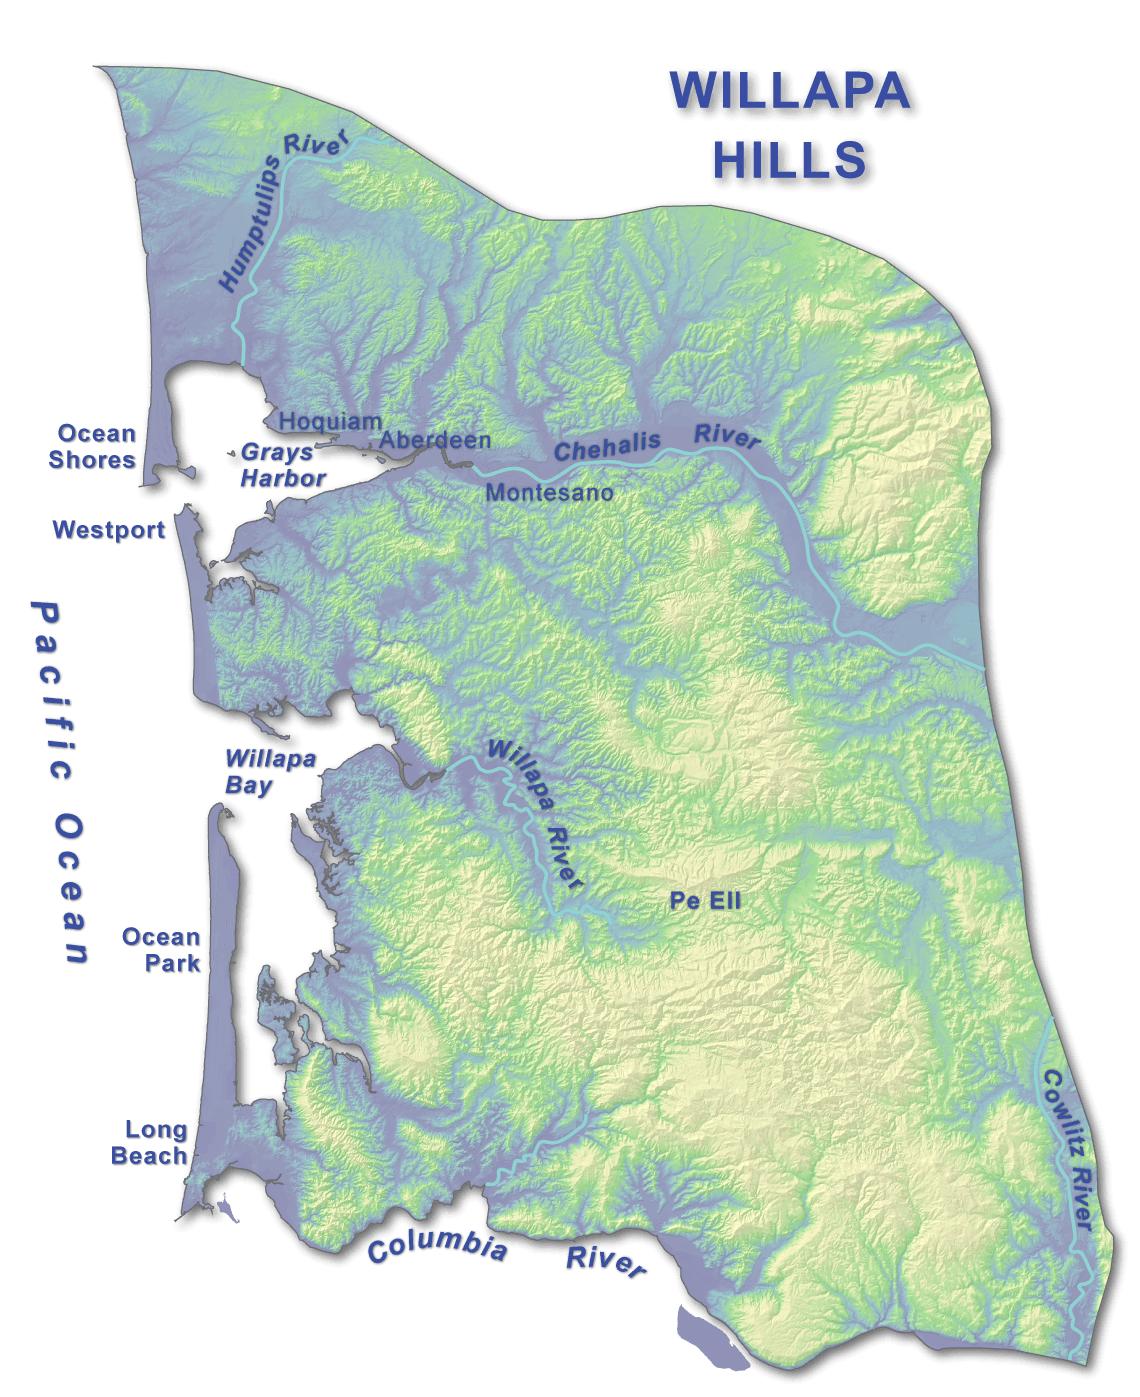 Willapa Hills | WA - DNR